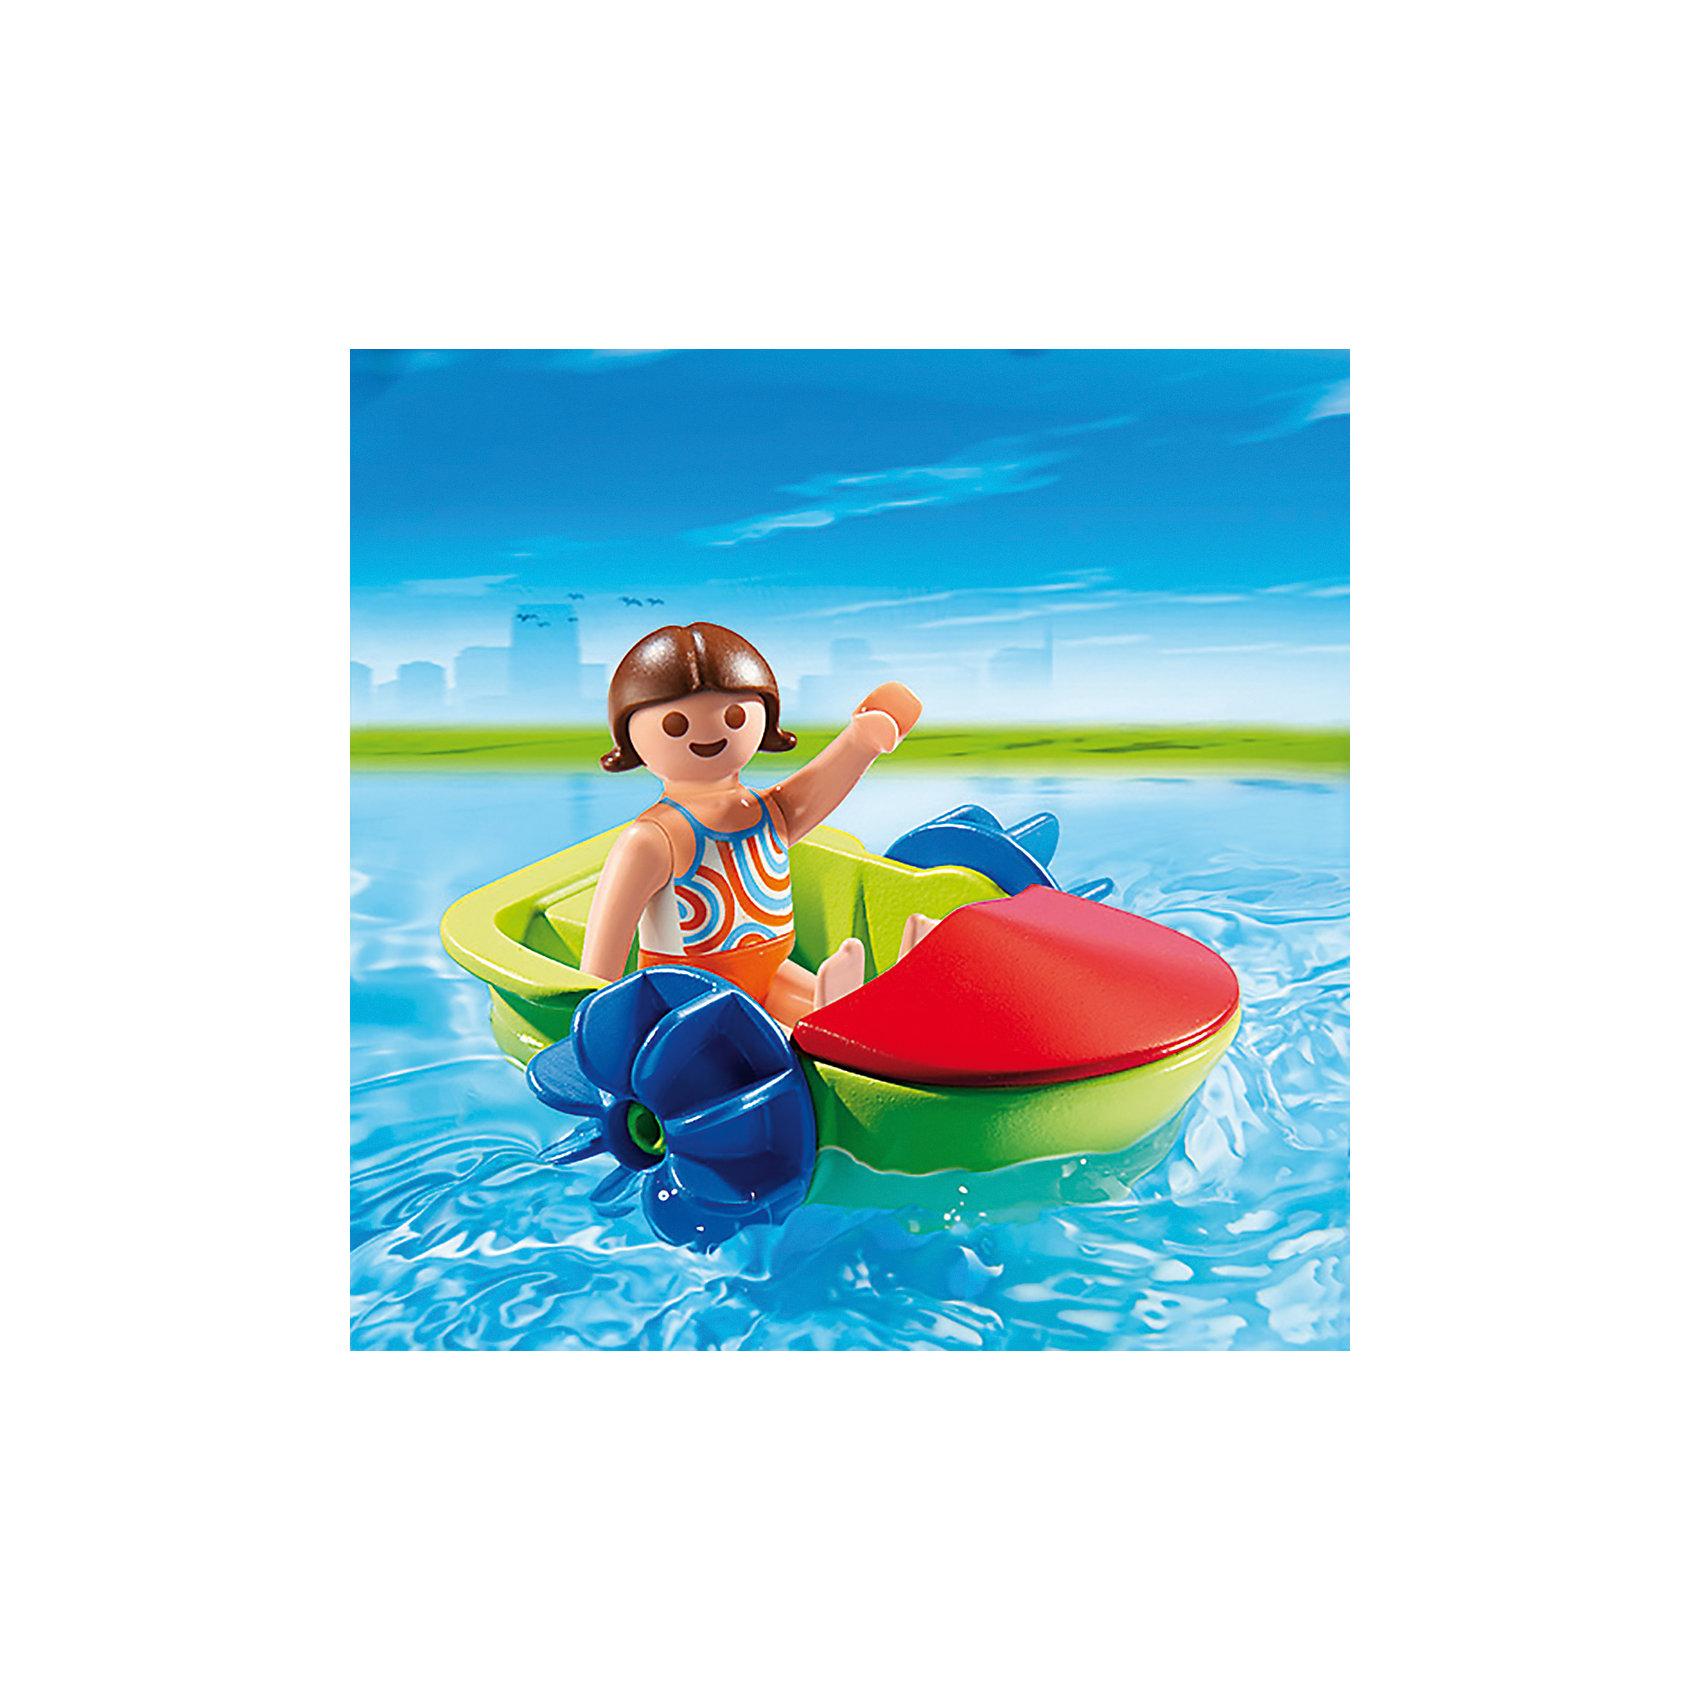 PLAYMOBIL® Аквапарк: Девочка в смешной лодке, PLAYMOBIL playmobil® зоопарк стая фламинго playmobil